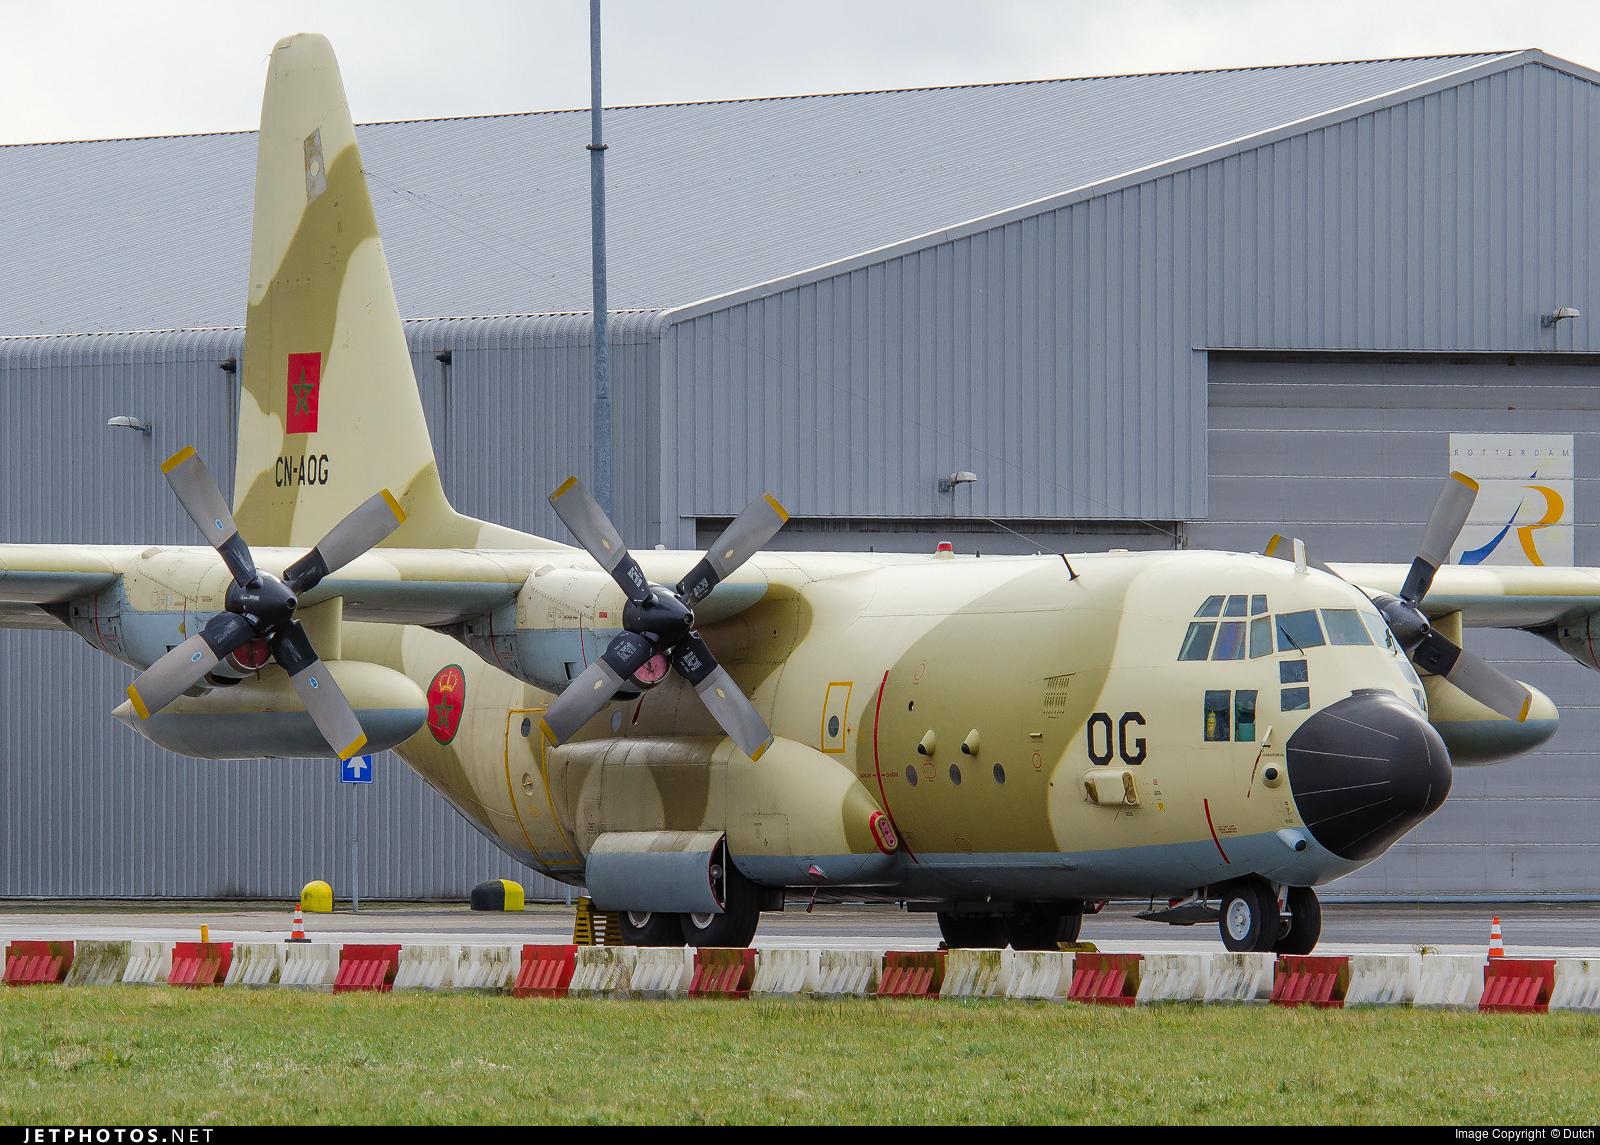 FRA: Photos d'avions de transport - Page 27 16040809000371963